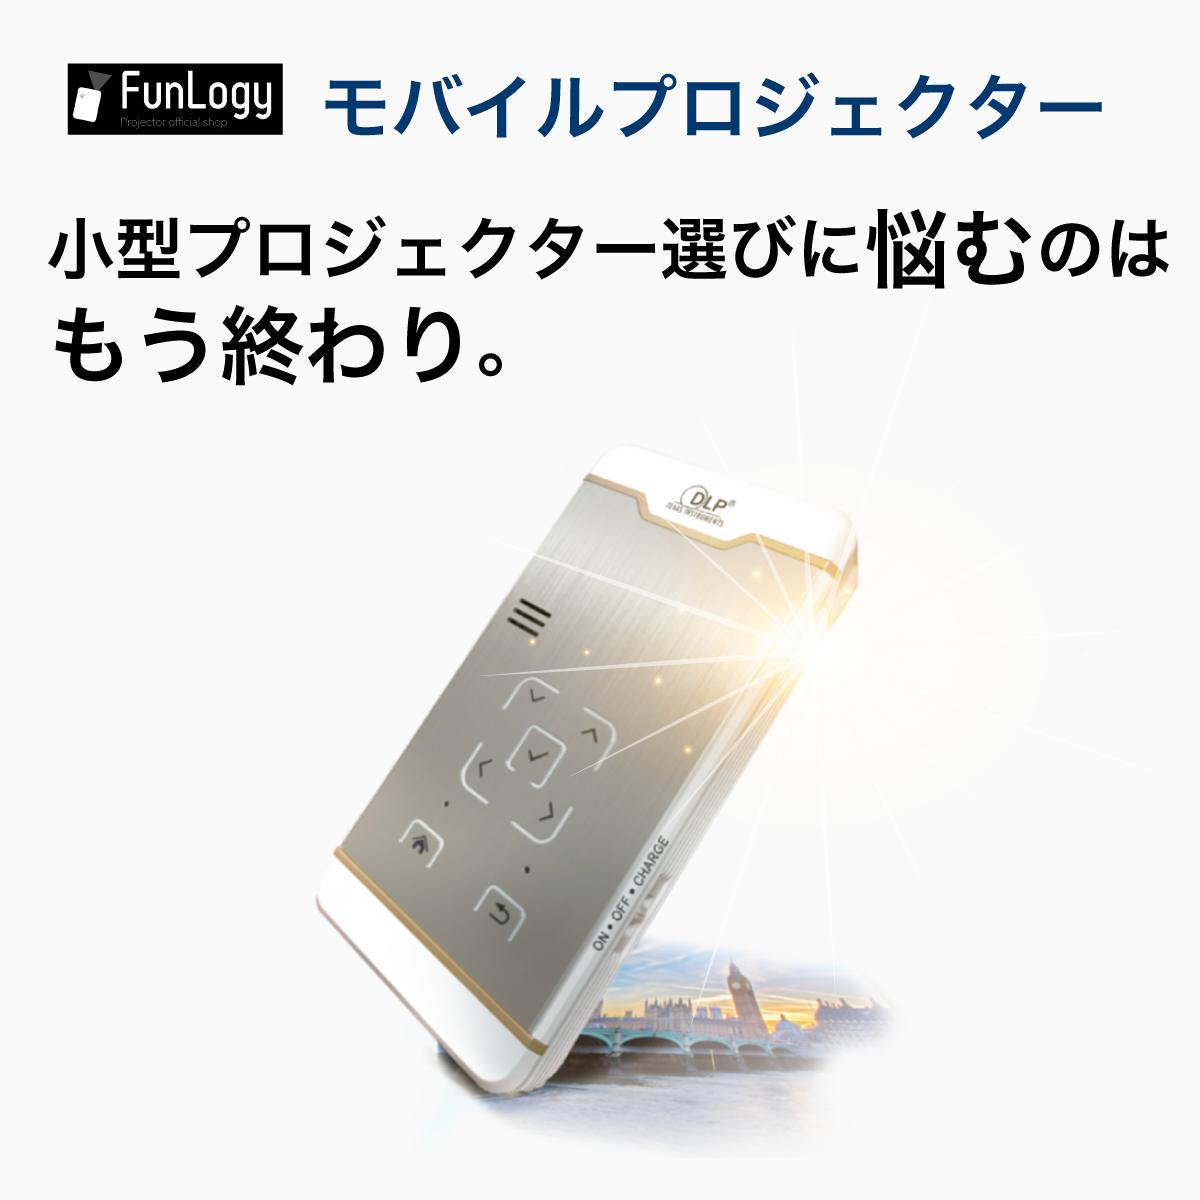 モバイルプロジェクター 小型 プロジェクター 1200ルーメン DLP iphone android【FunLogy モバイルプロジェクター】